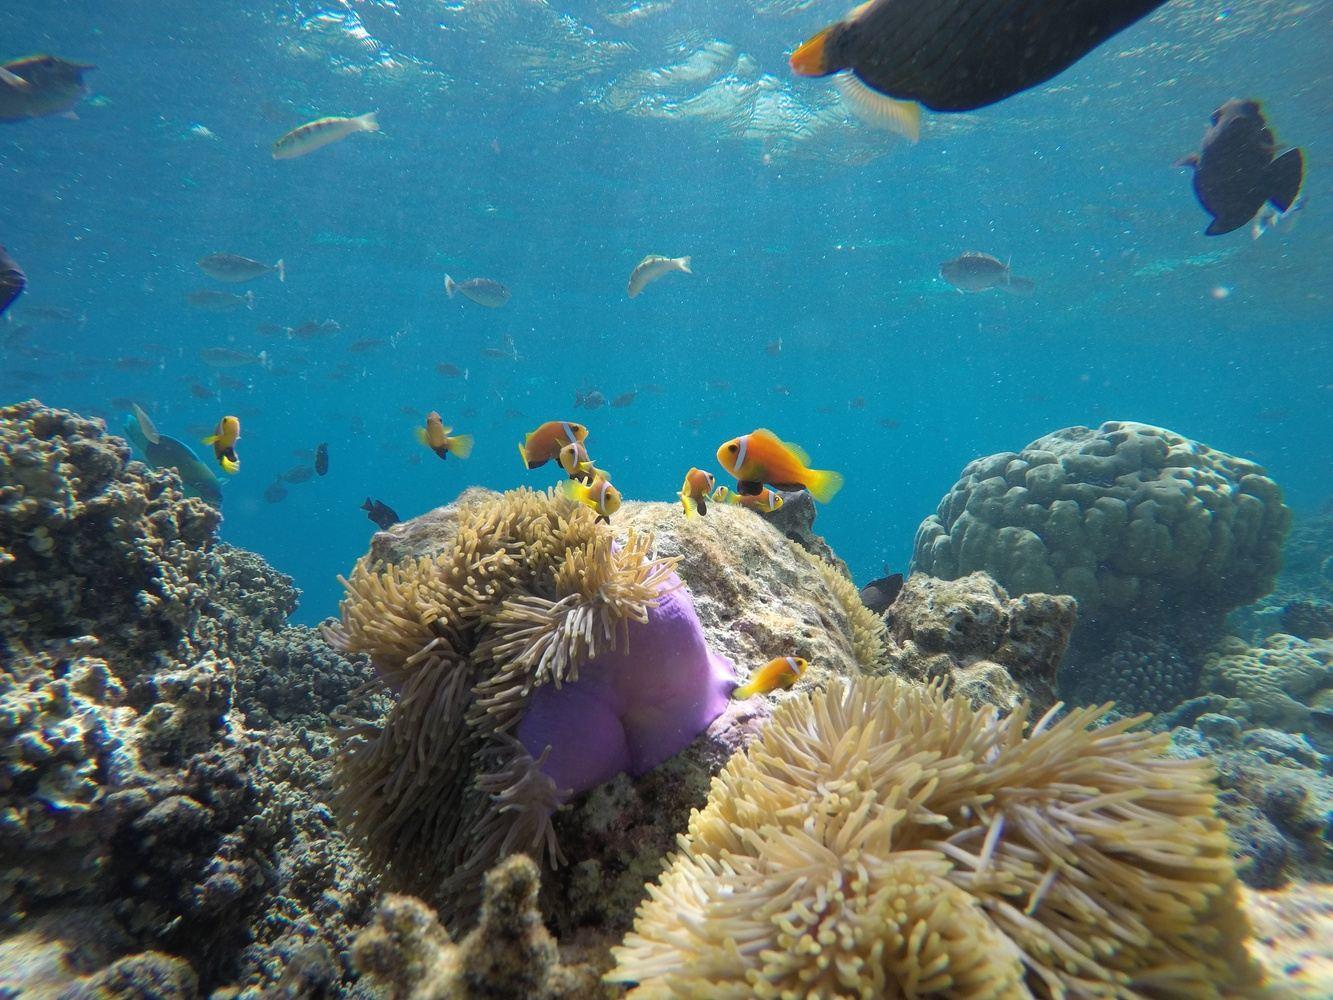 SUN, SEA AND MEMORIES IN MALDIVES